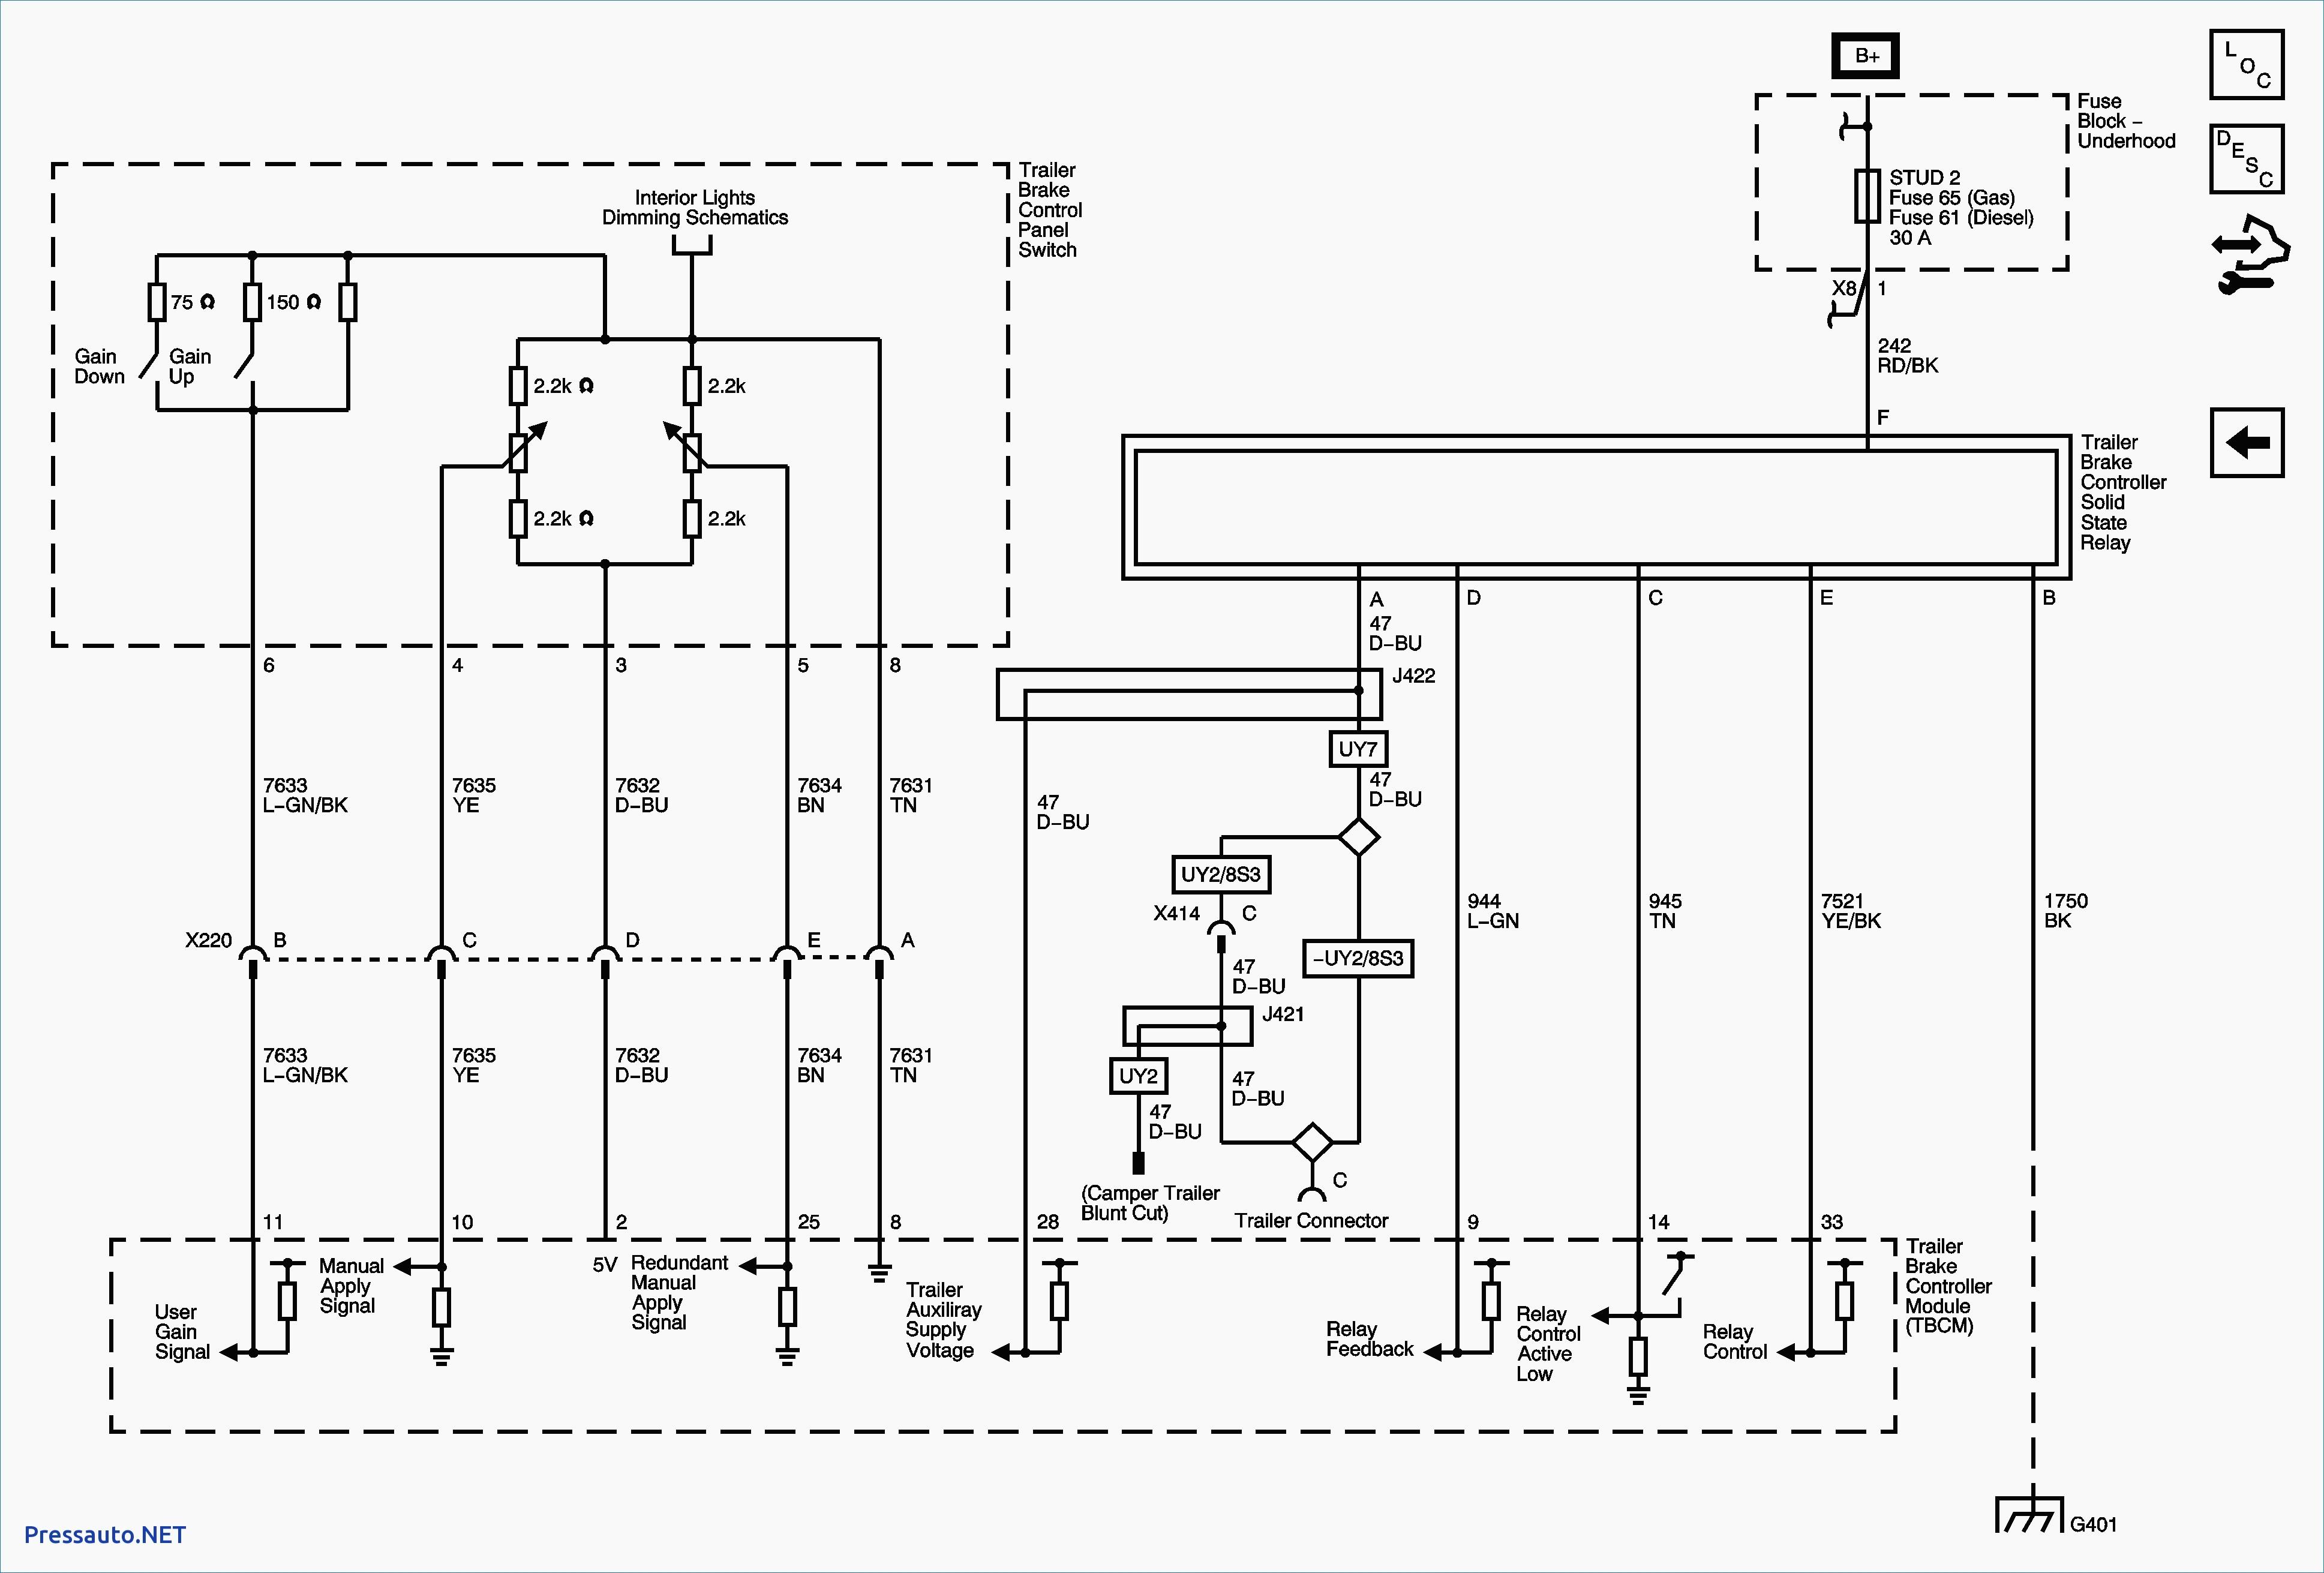 tekonsha voyager brake controller wiring wiring diagram image rh mainetreasurechest com tekonsha voyager brake controller wiring diagram Chevy Brake Controller Wiring Diagram